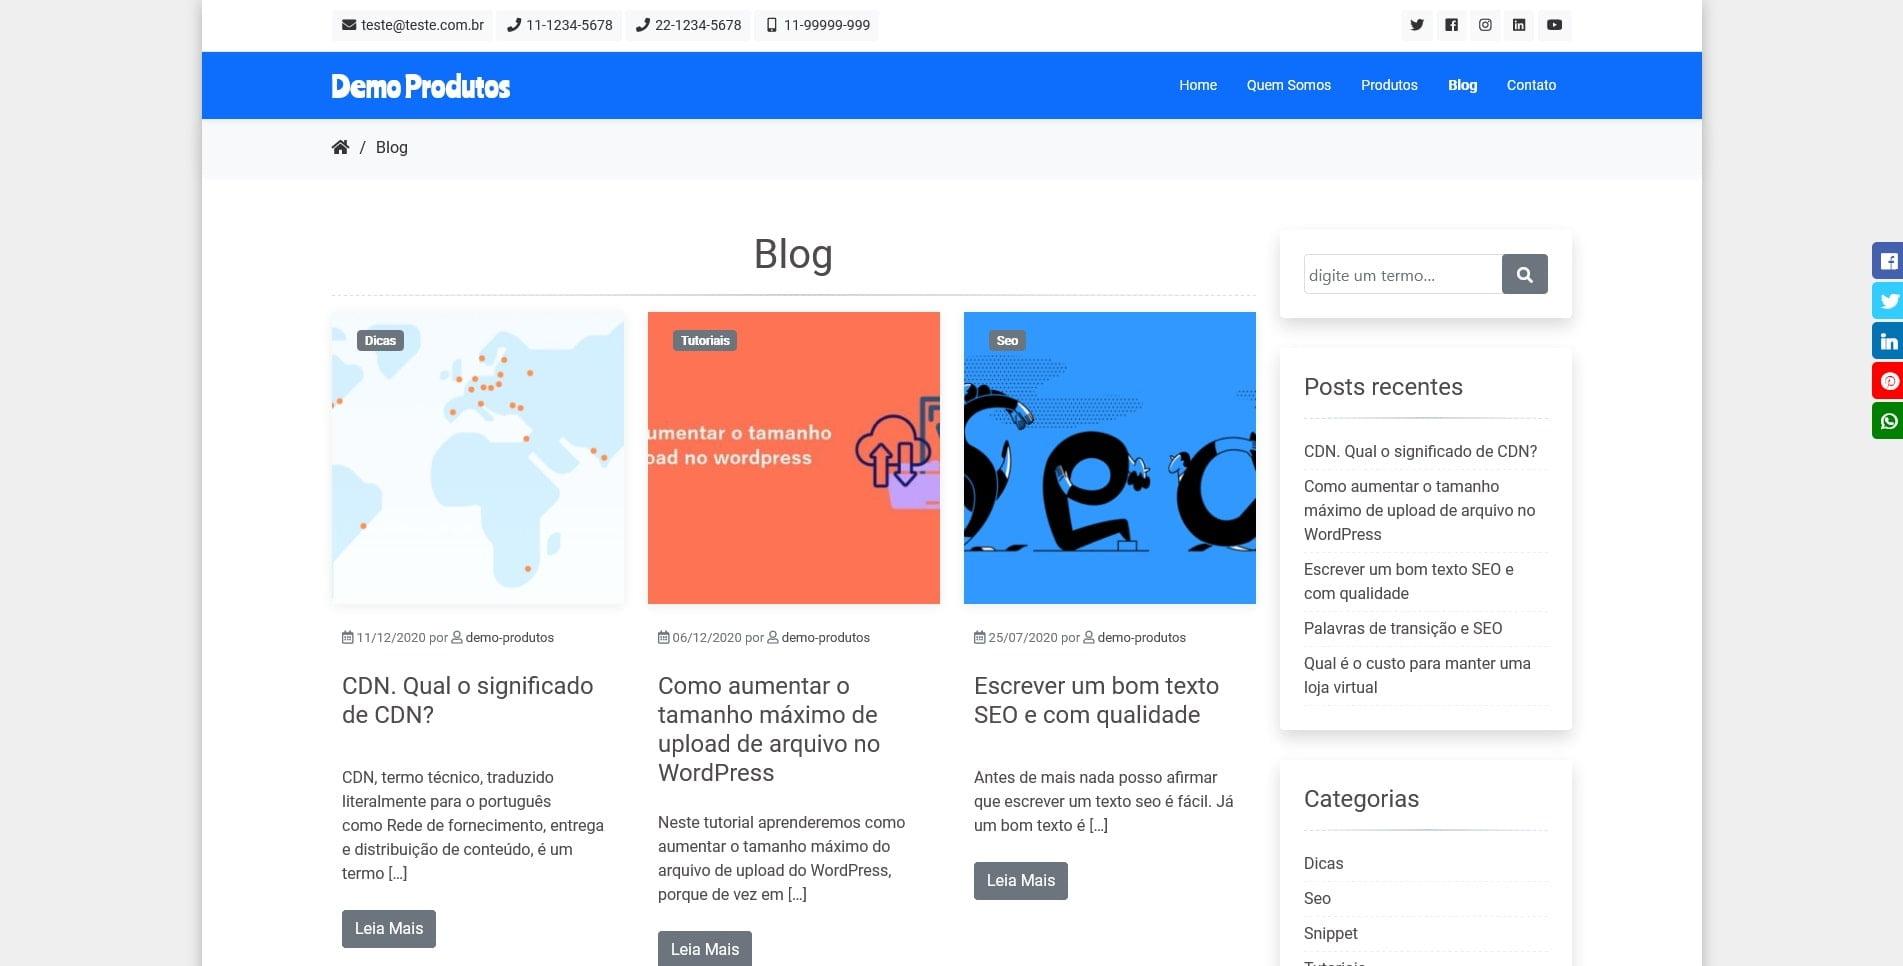 Site Catálogo de Produtos2